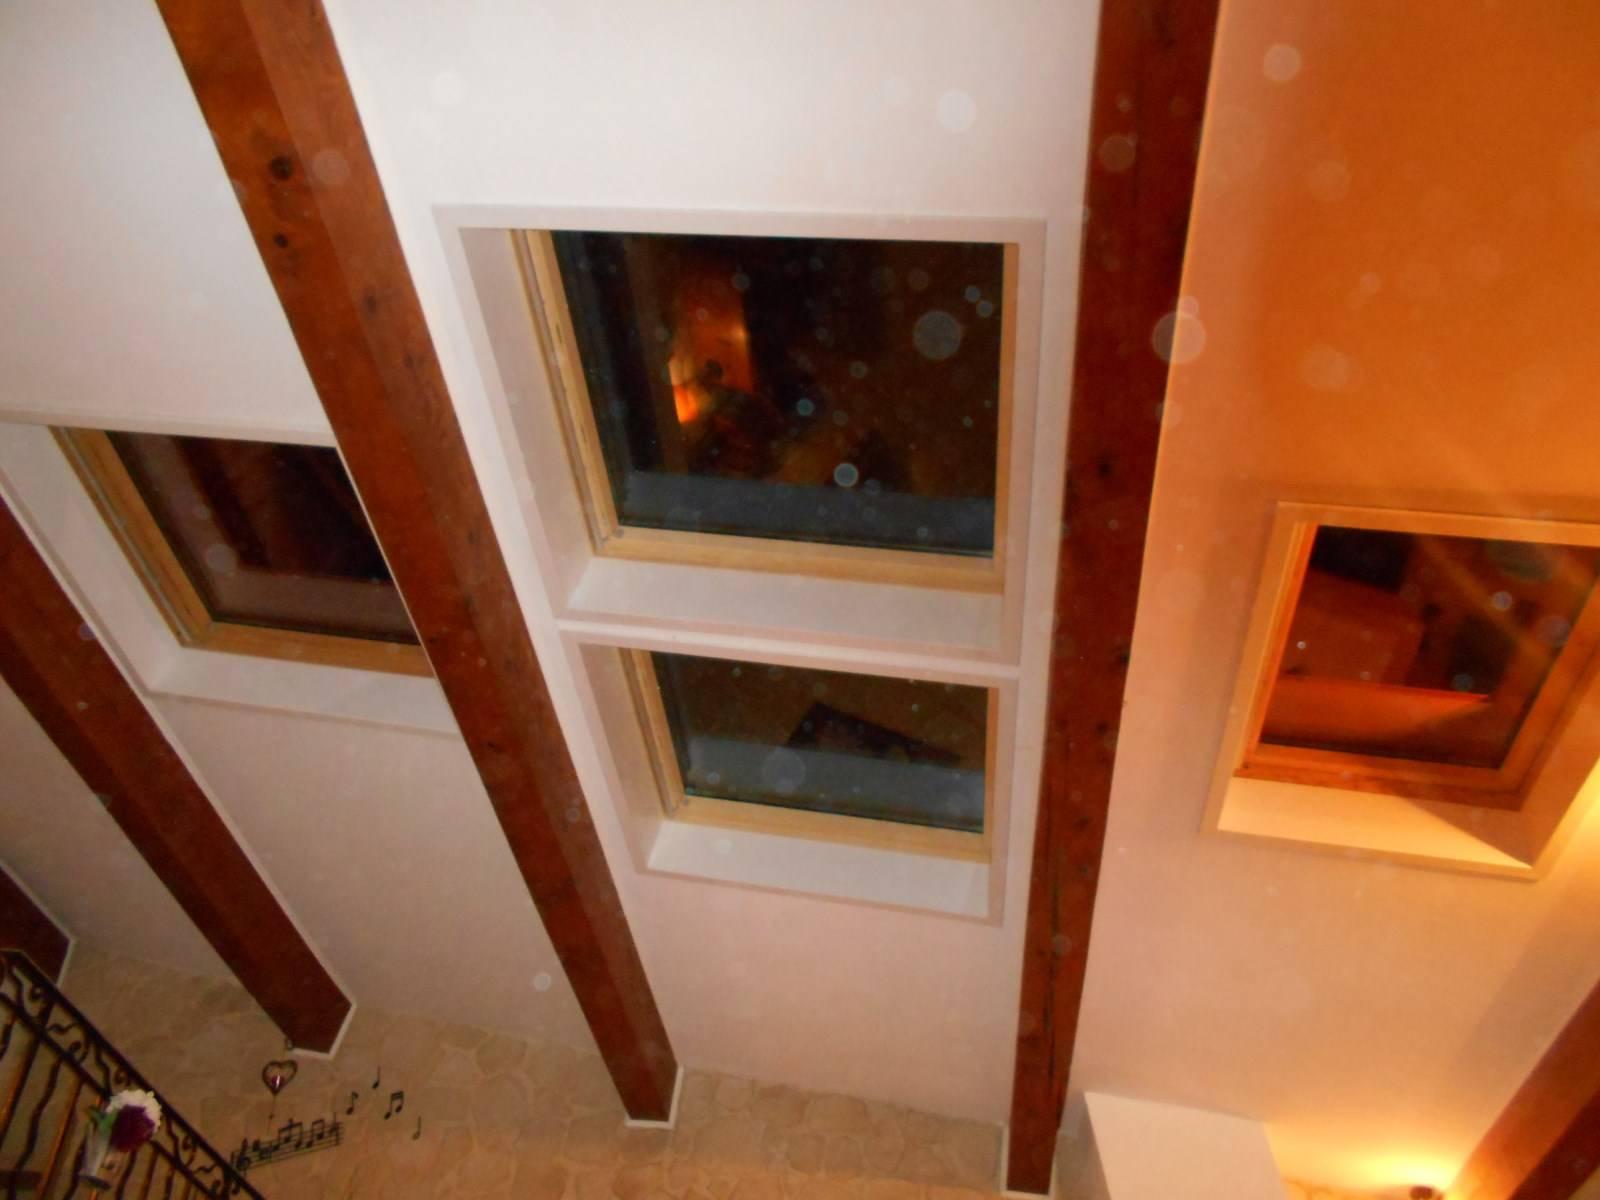 Pose et installation de fen tres de toit velux sur la for Installer fenetre de toit